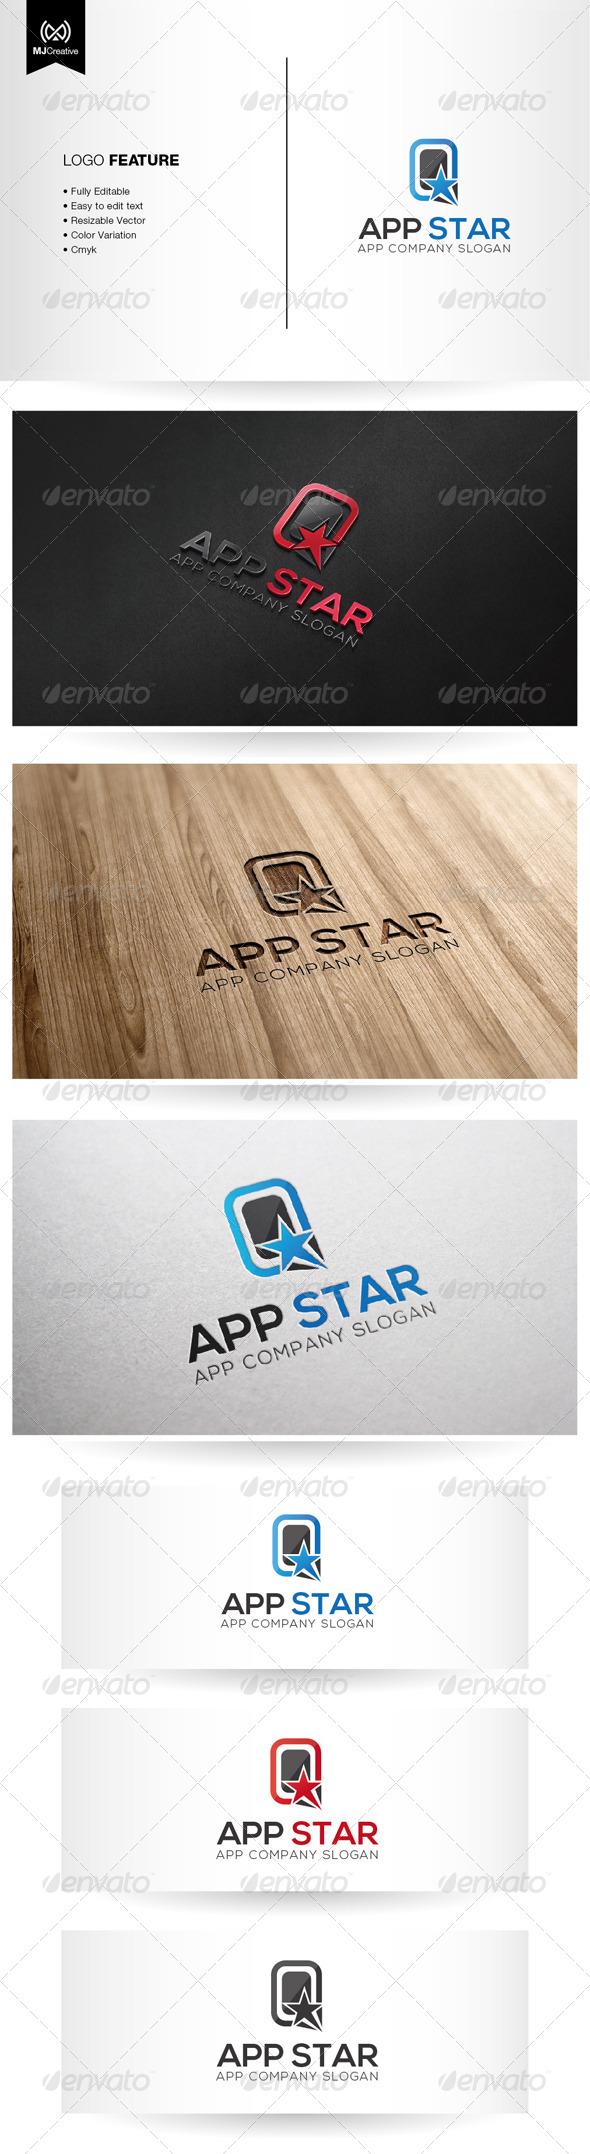 App Star Logo